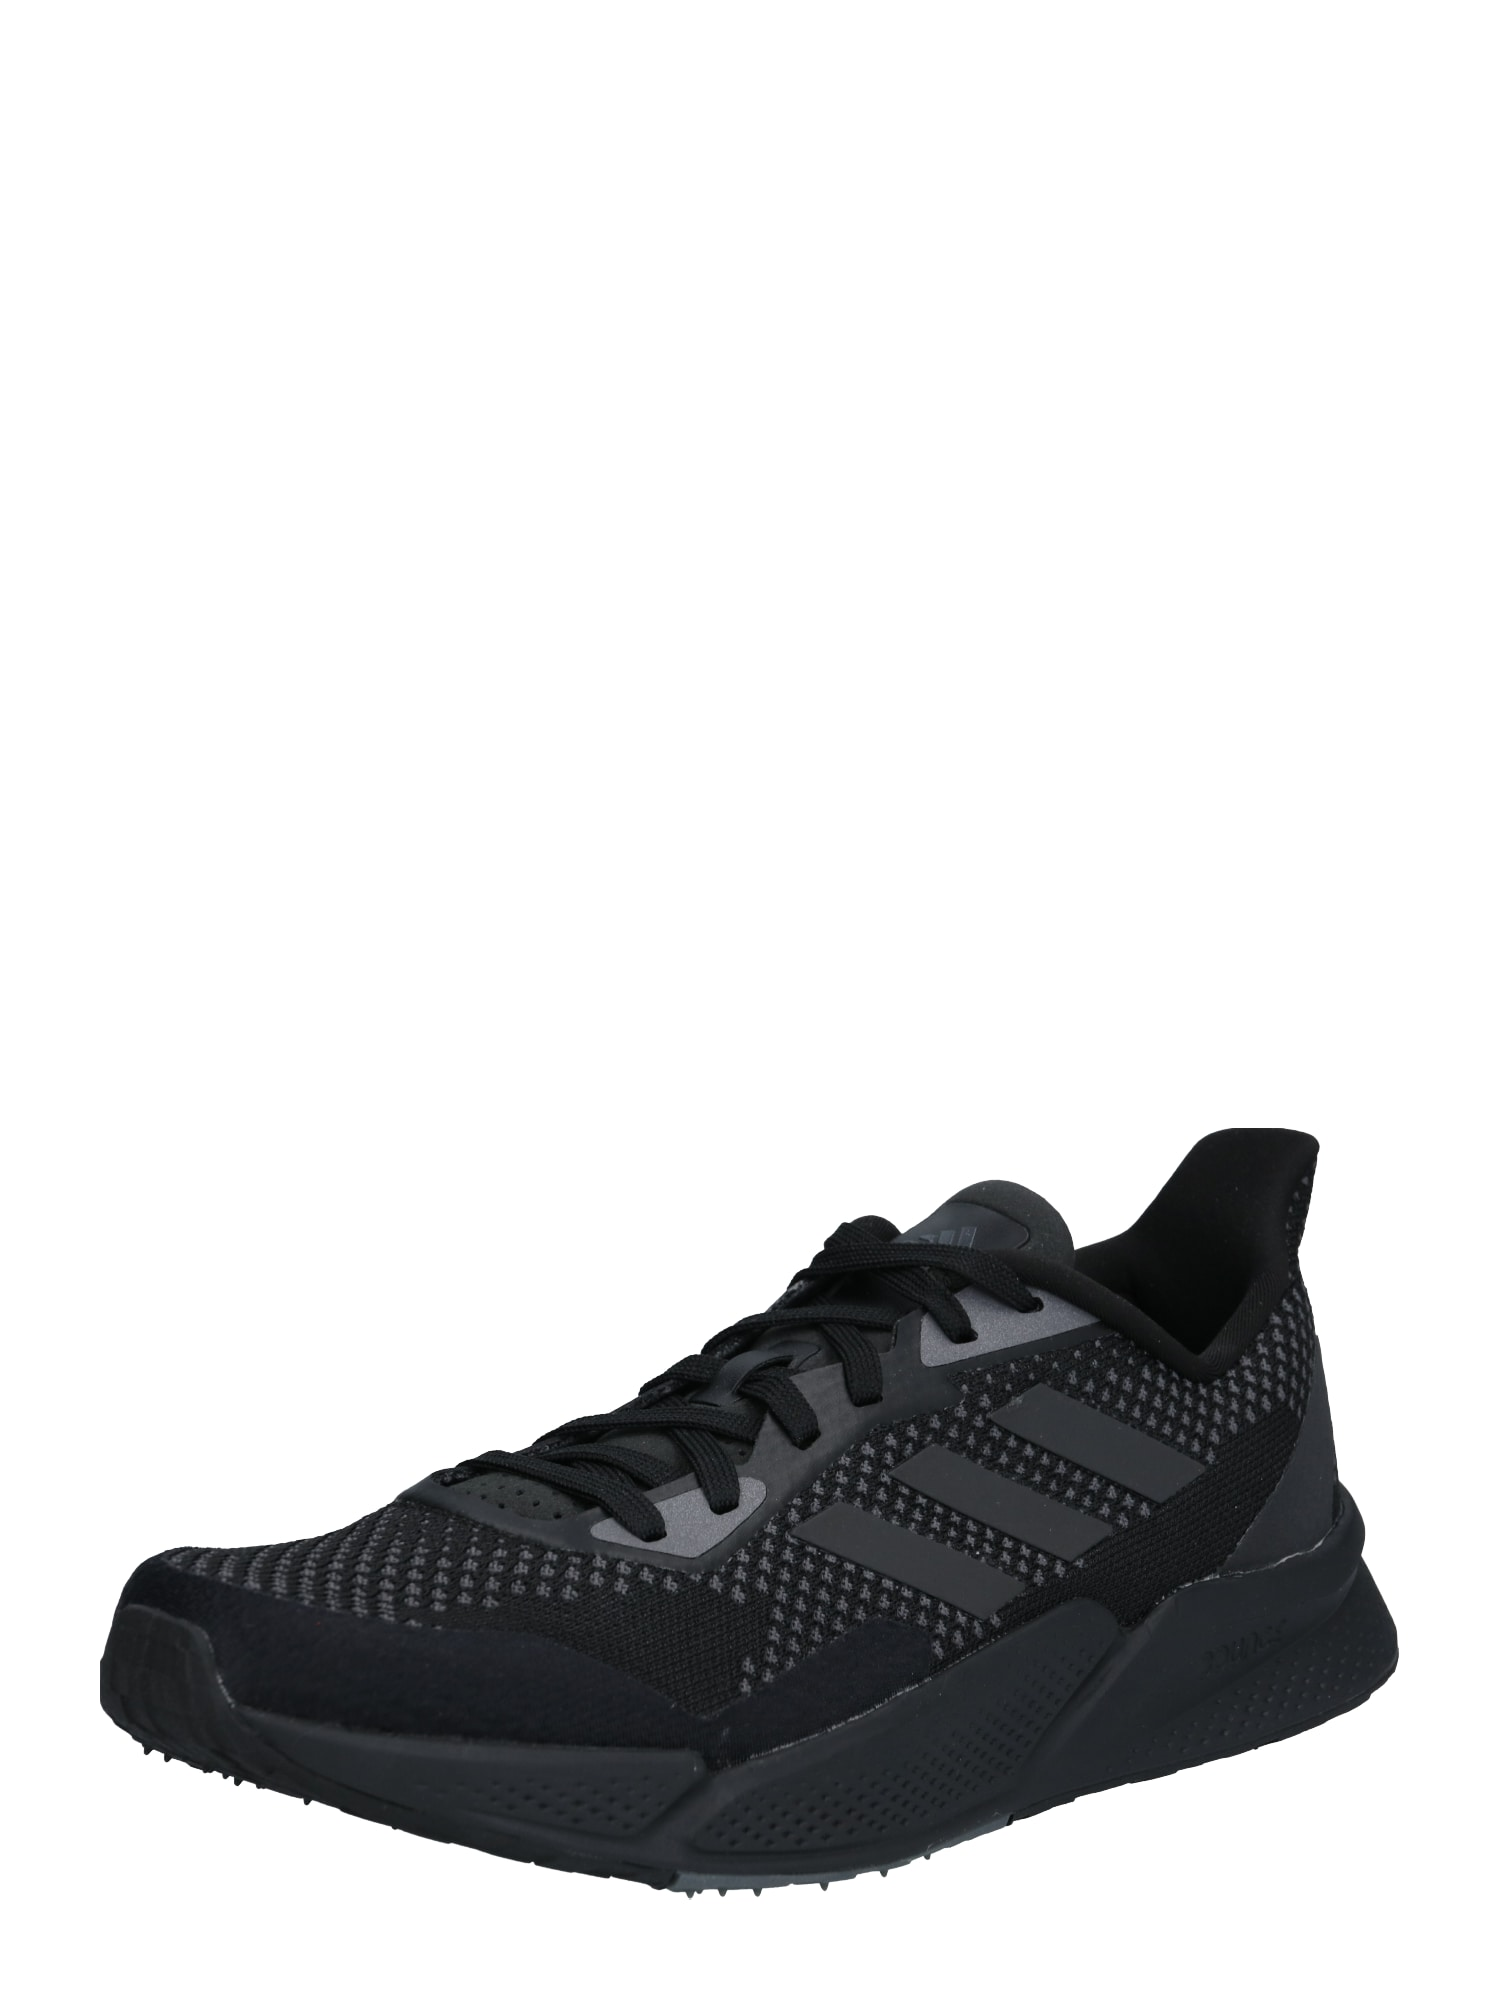 ADIDAS PERFORMANCE Bėgimo batai juoda / antracito spalva